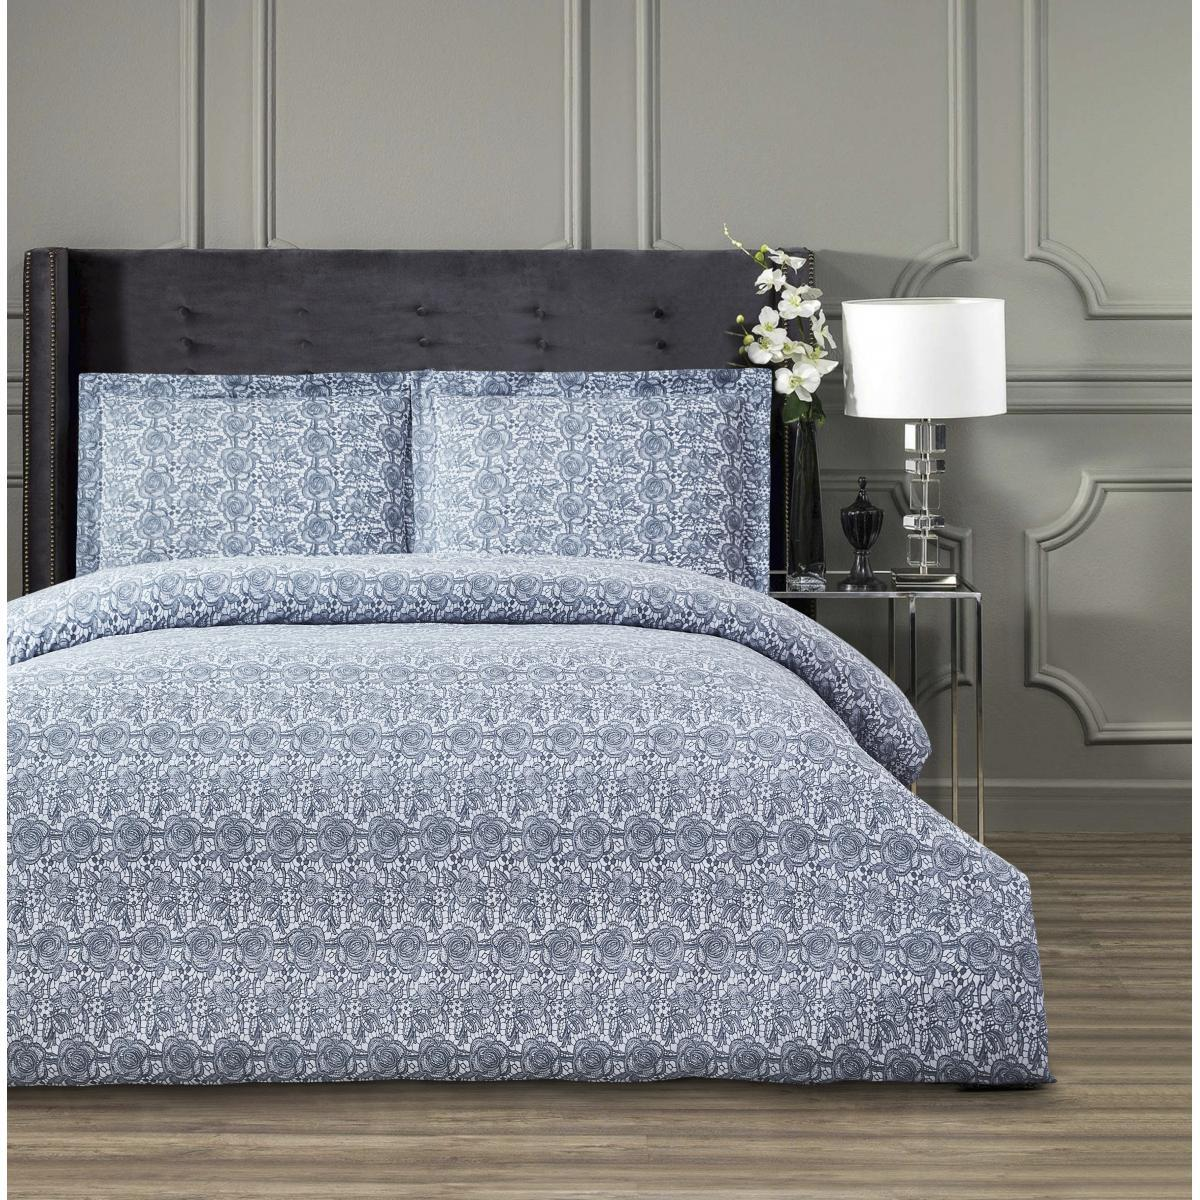 Комплект постельного белья Arya полуторный Simple Living Tiny 160х220 см. (A107020)